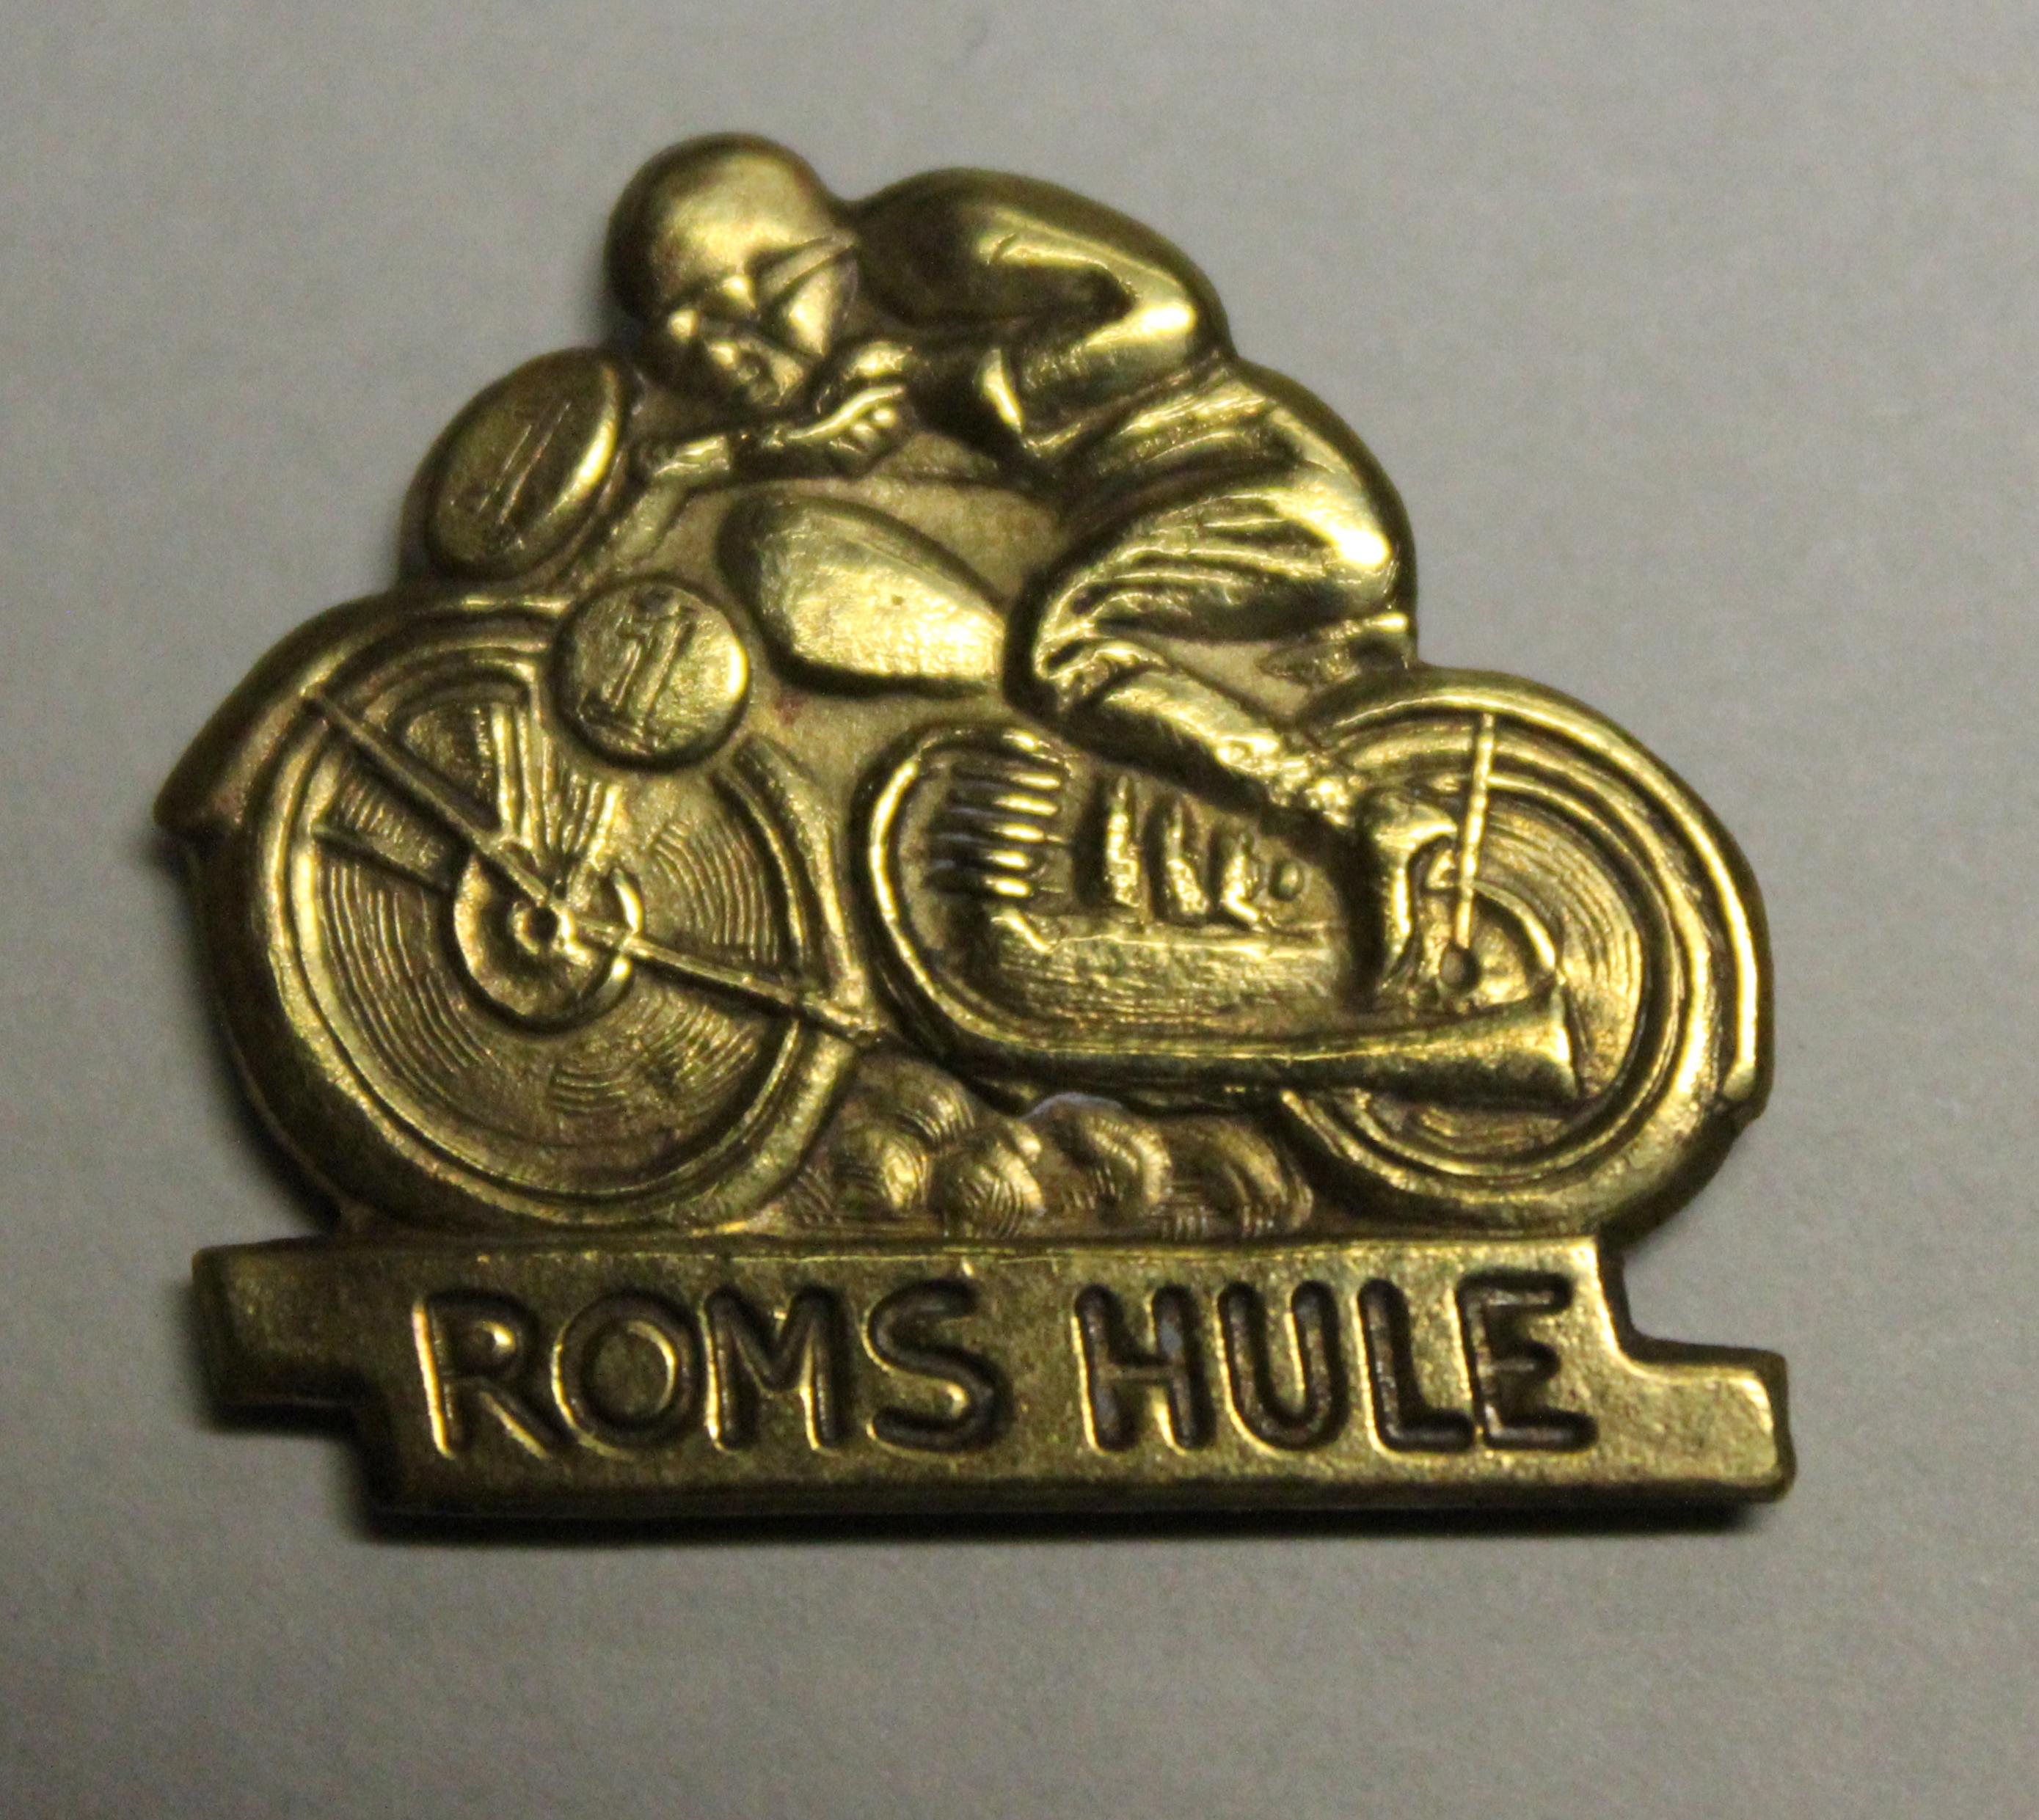 Roms Hule løbene var så stor en begivenhed, at man fik lavet dette jakkeemblem